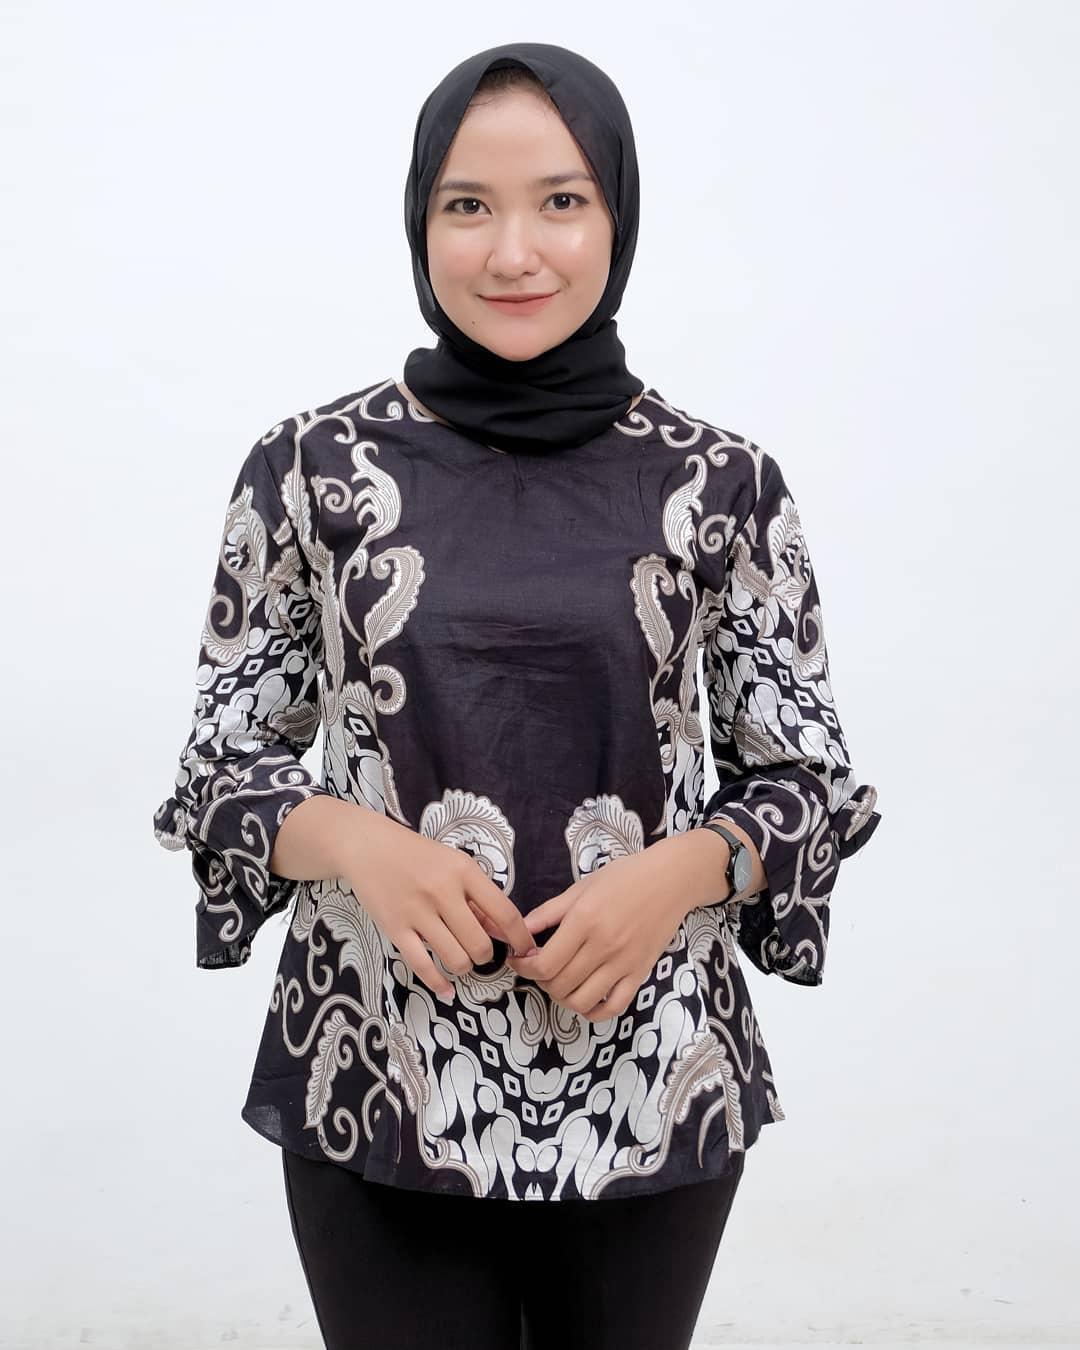 Baju Setelan Batik Wanita: Model Baju Batik Wanita Islami Kekinian Dan Modern, WAJIB BACA